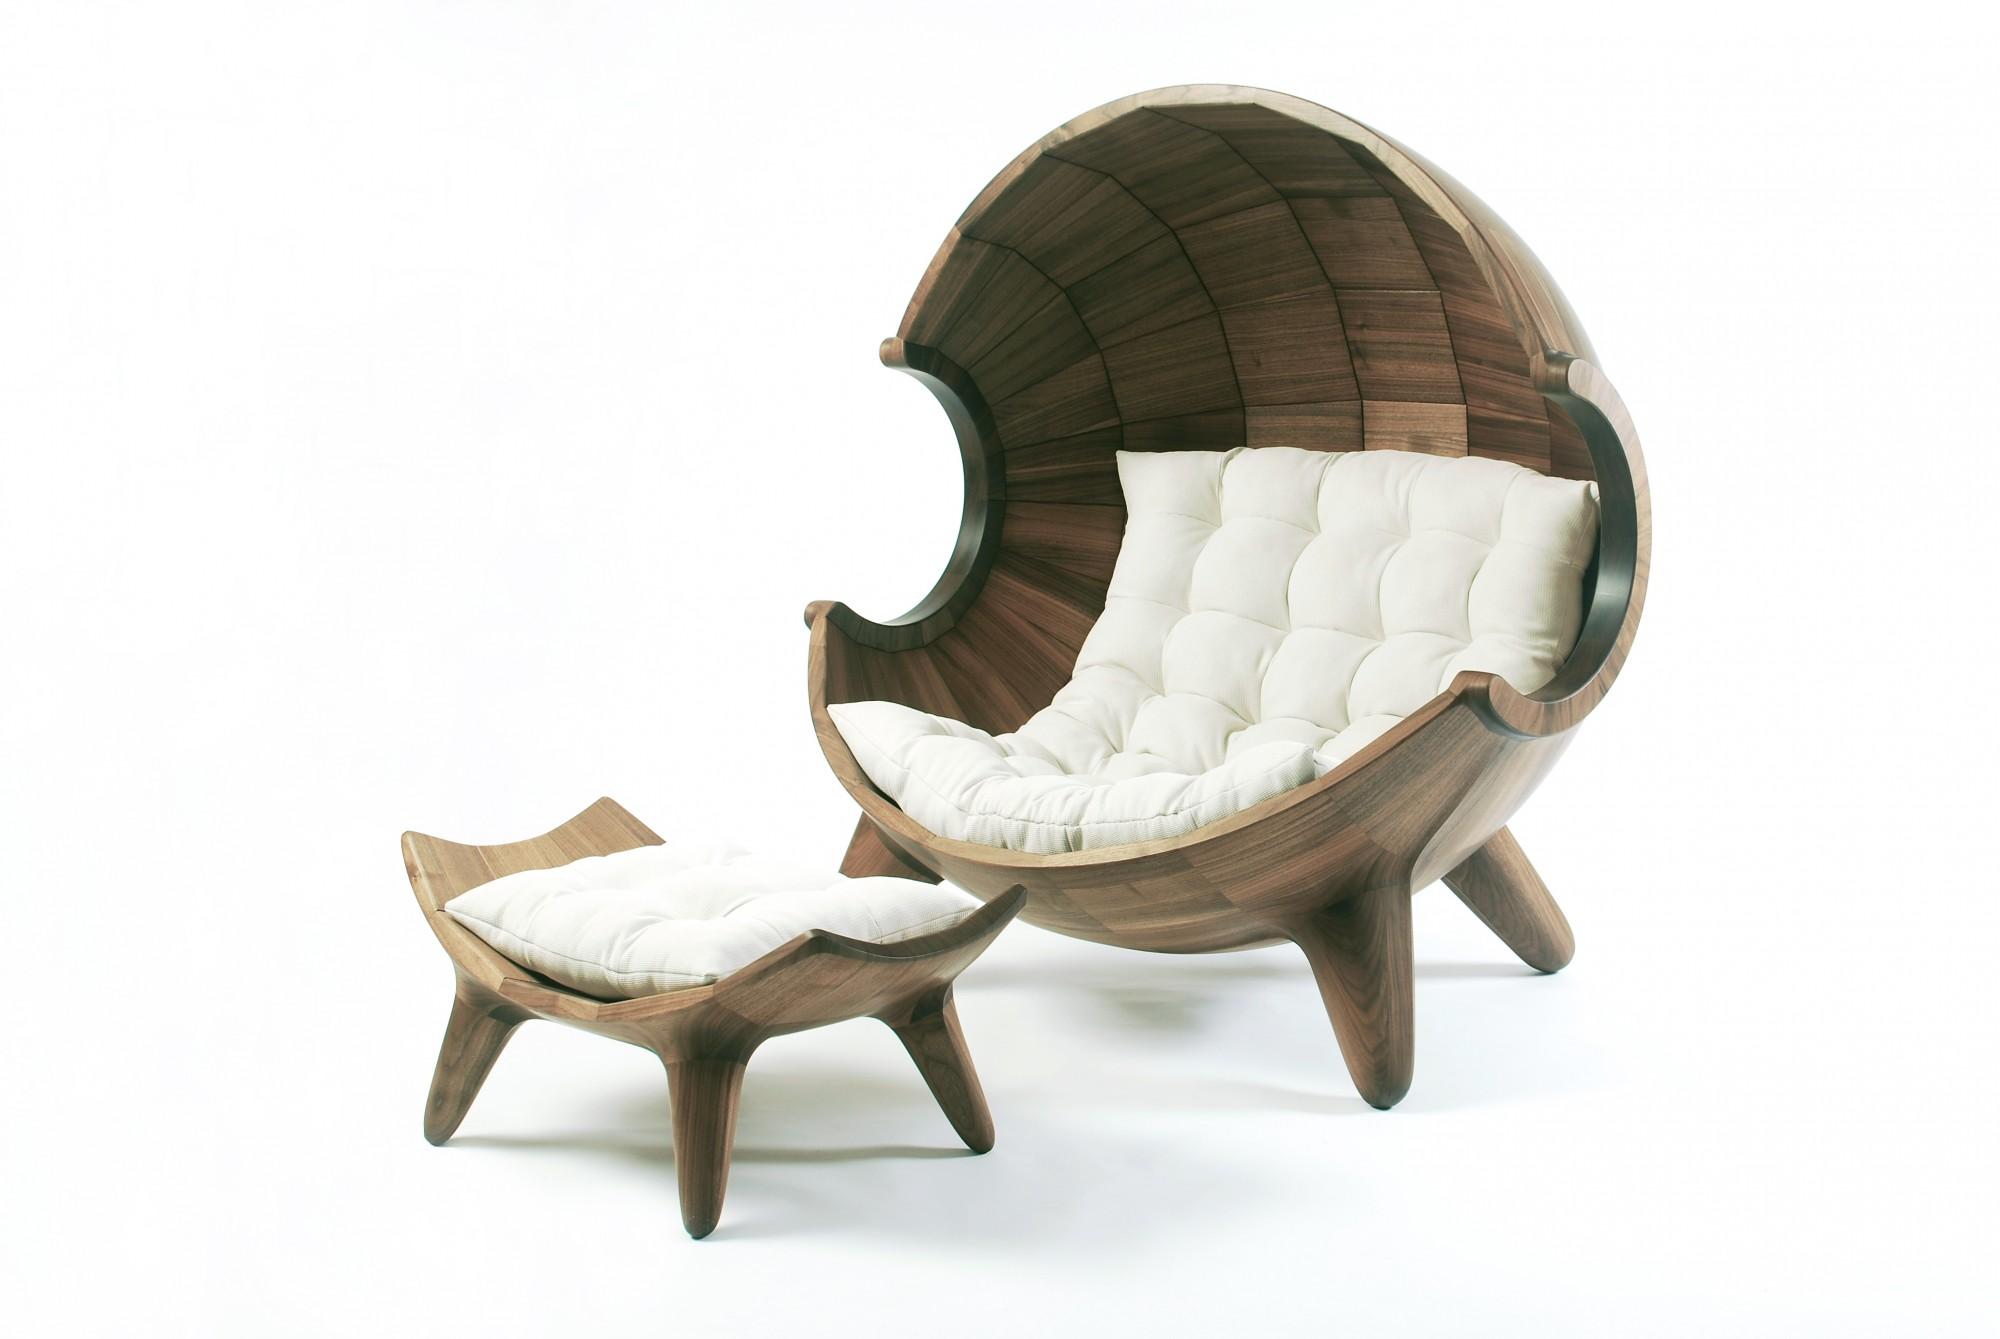 wooden-ball-chair_01-e1380275835634